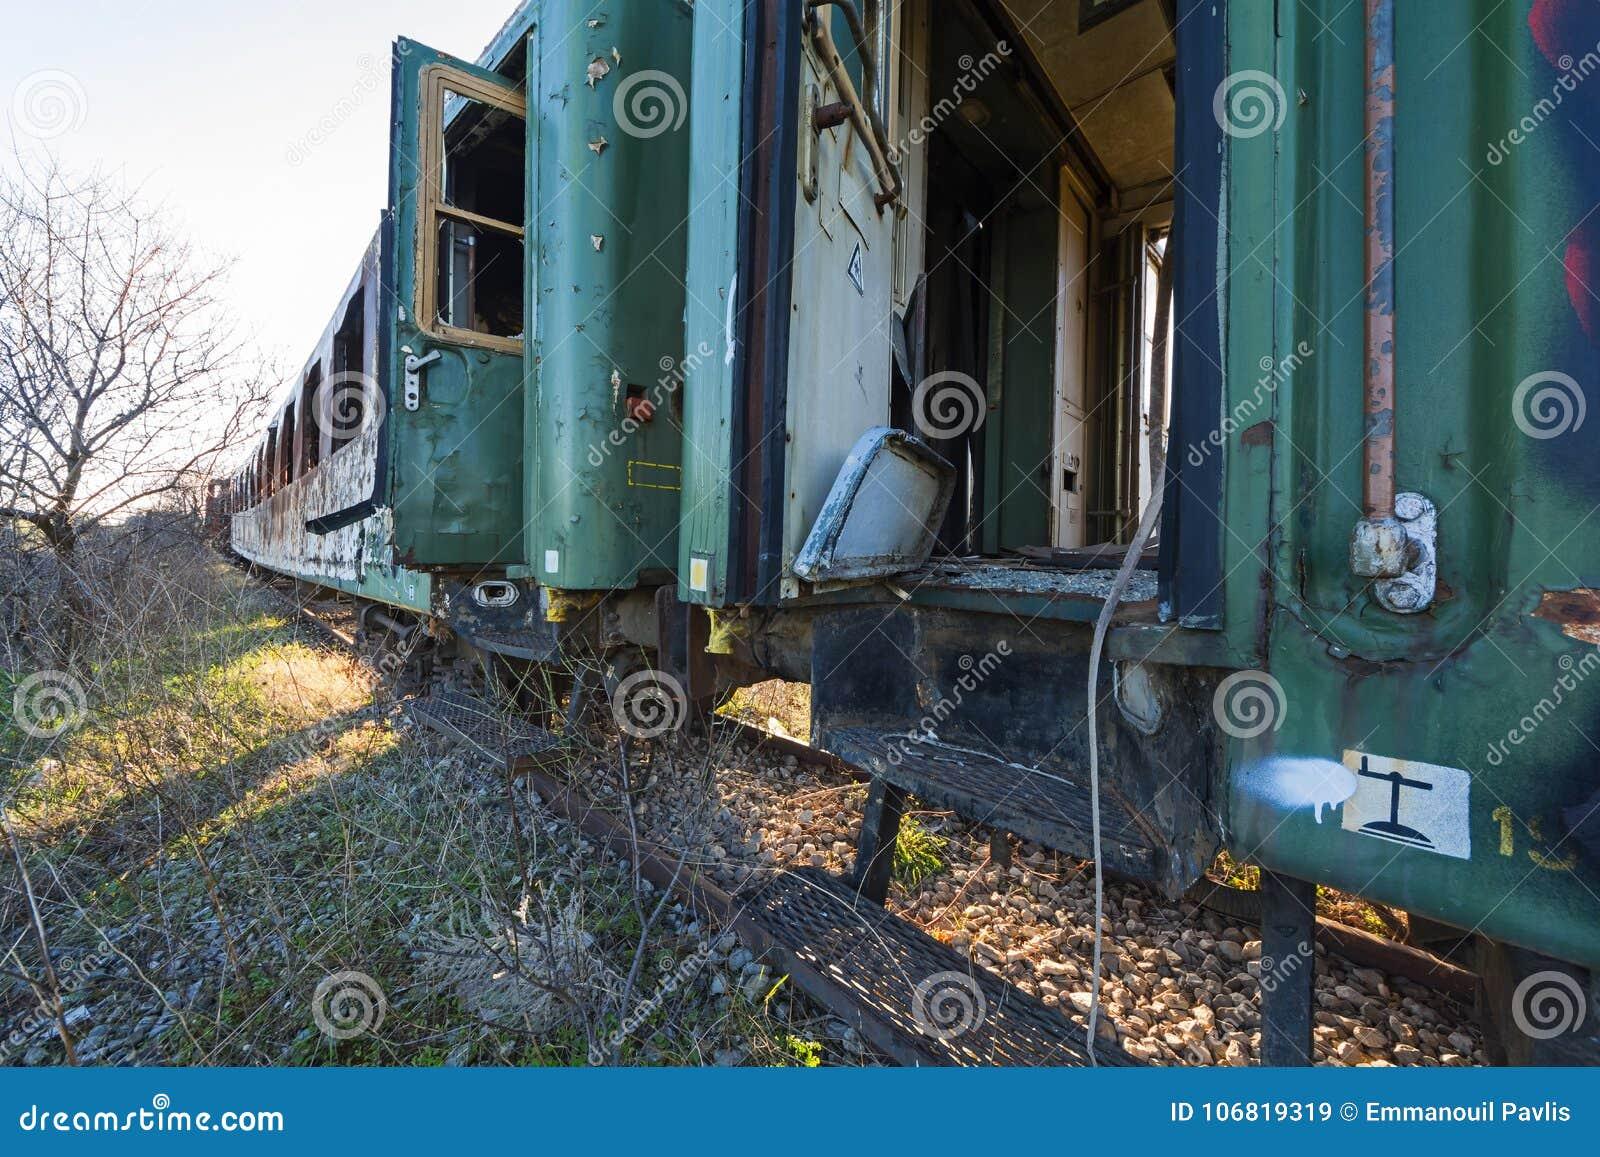 Soviet childhood dream toy railway 15